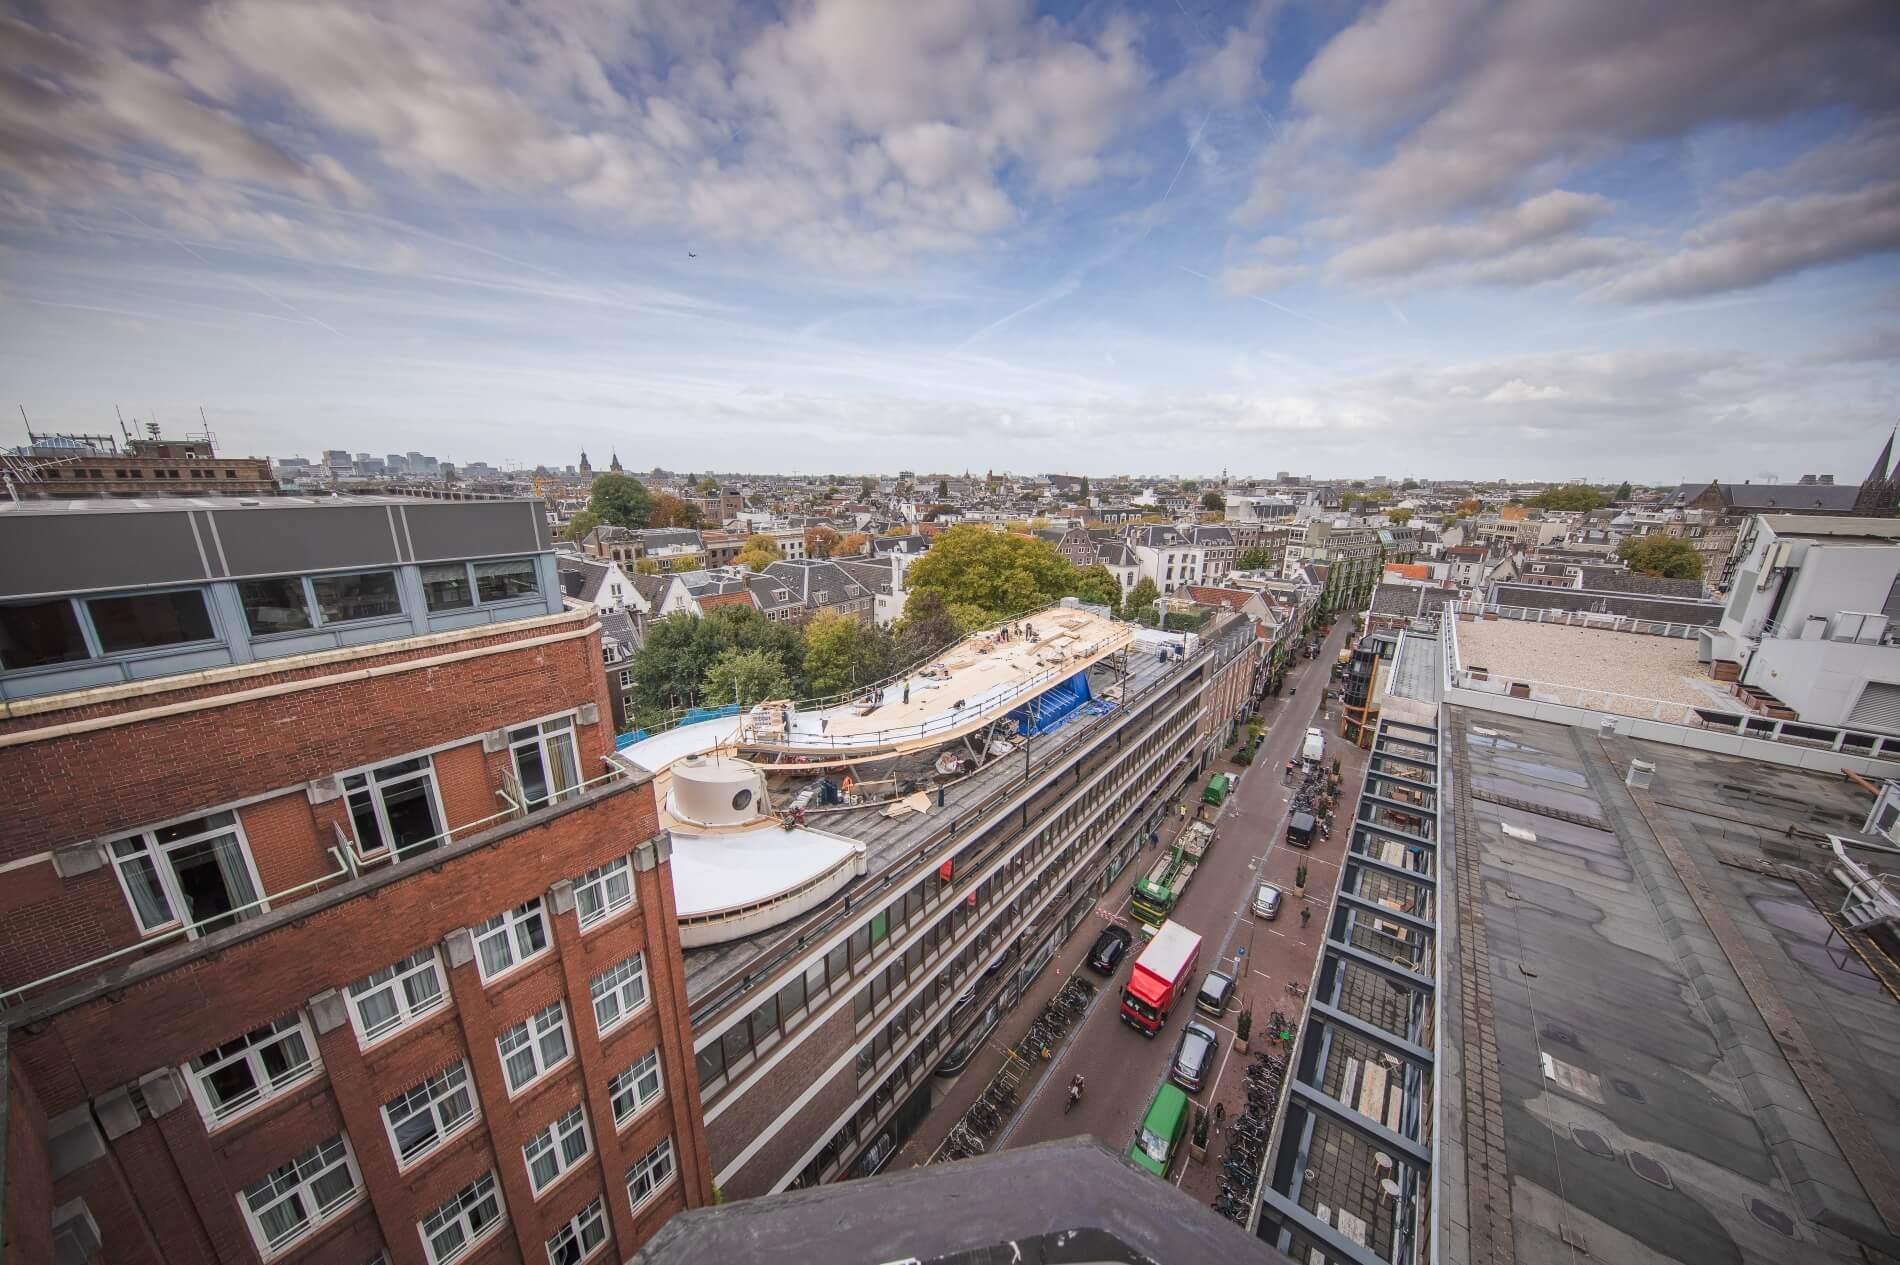 Verbouwing Munthof Amsterdam van bovenaf